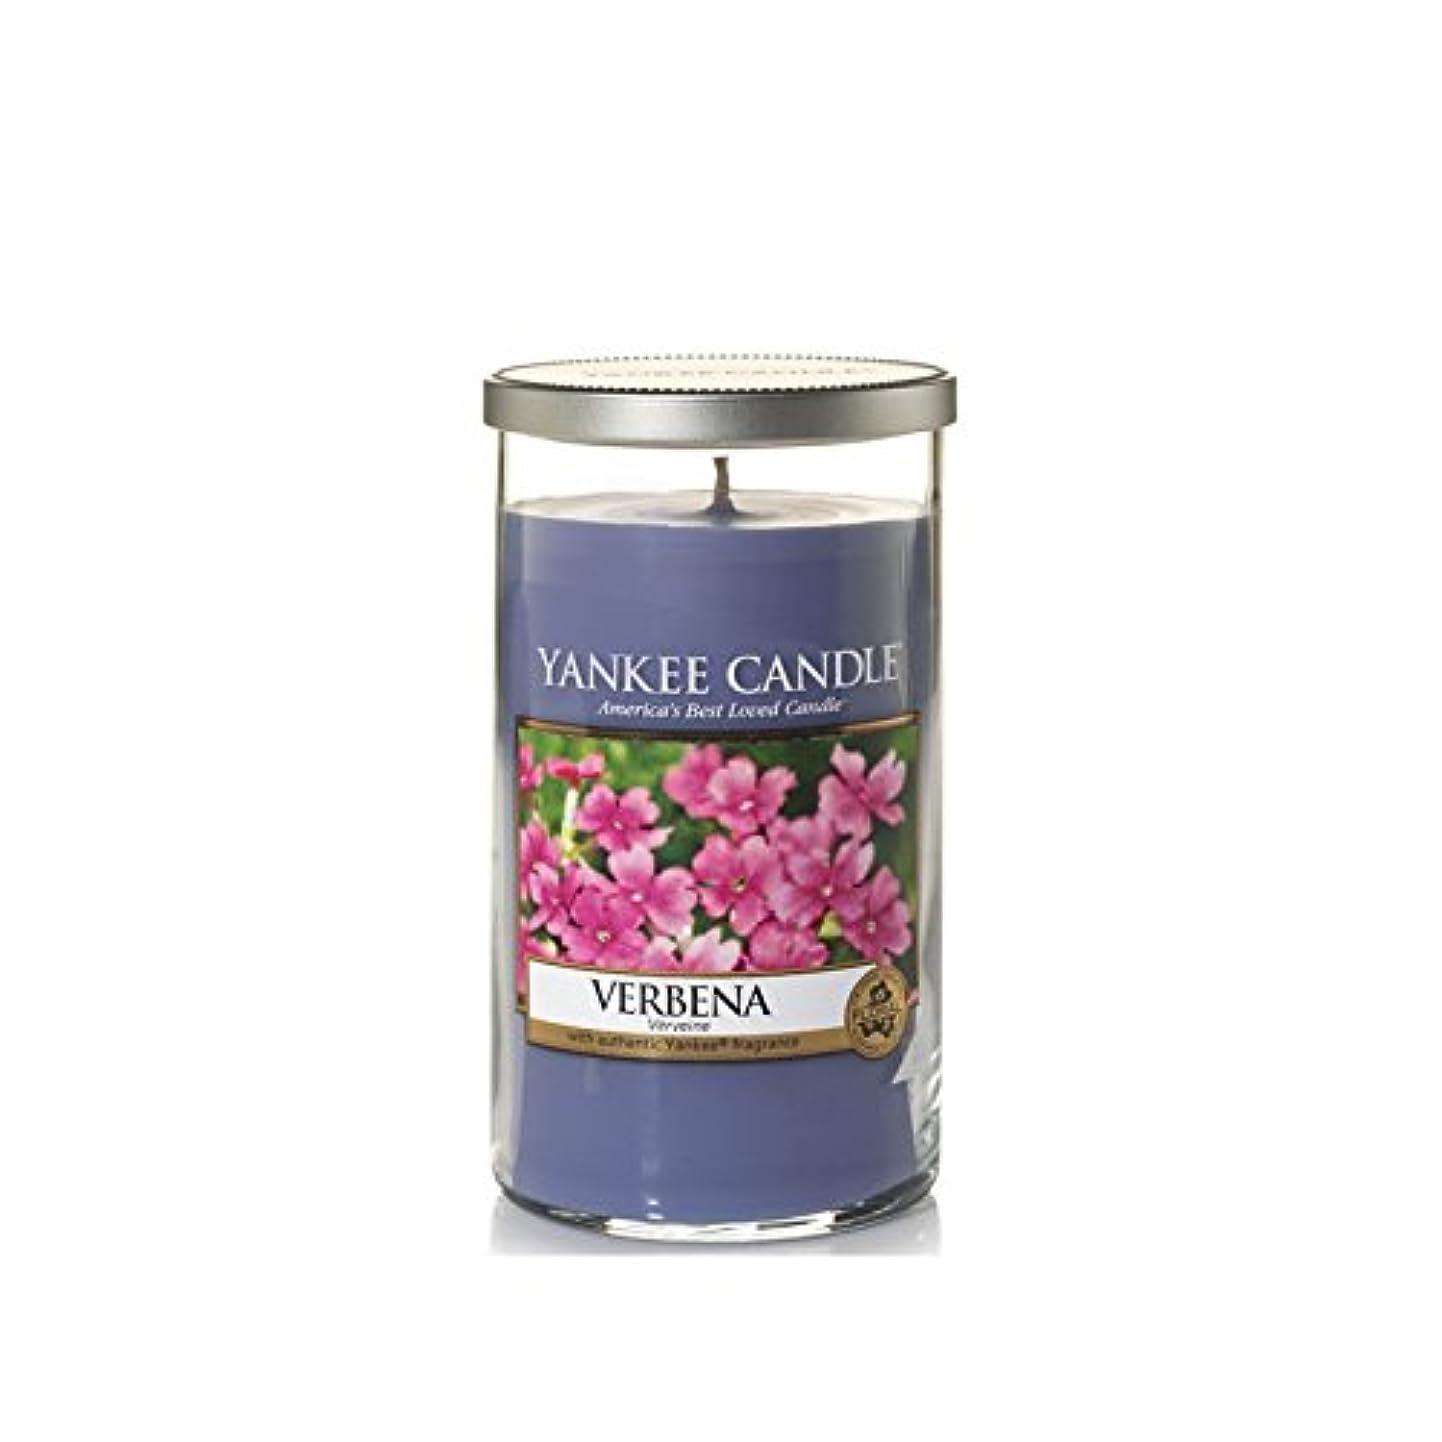 機構言い聞かせる庭園Yankee Candles Medium Pillar Candle - Verbena (Pack of 2) - ヤンキーキャンドルメディアピラーキャンドル - バーベナ (x2) [並行輸入品]